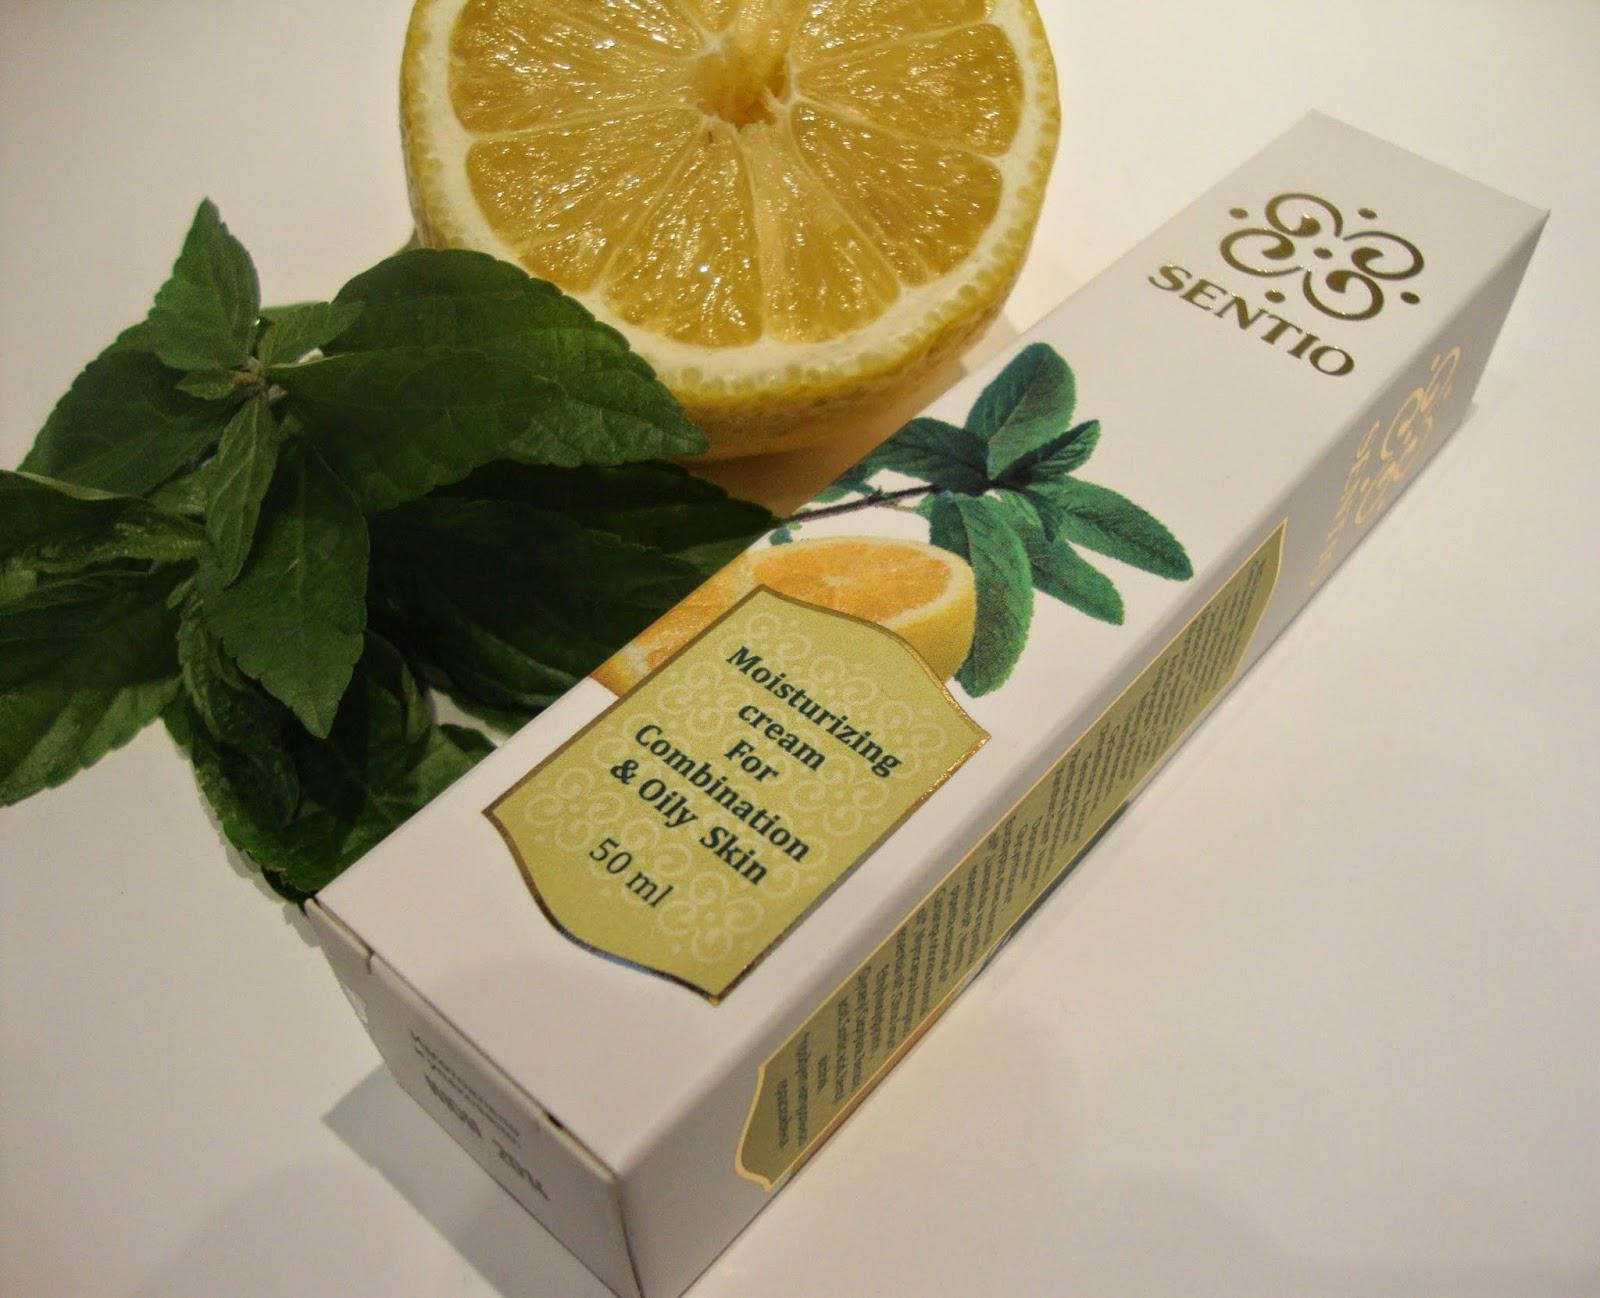 Увлажняющий крем для смешанной и жирной кожи Sentio Moisturizing Cream for Combination & Oily Skin